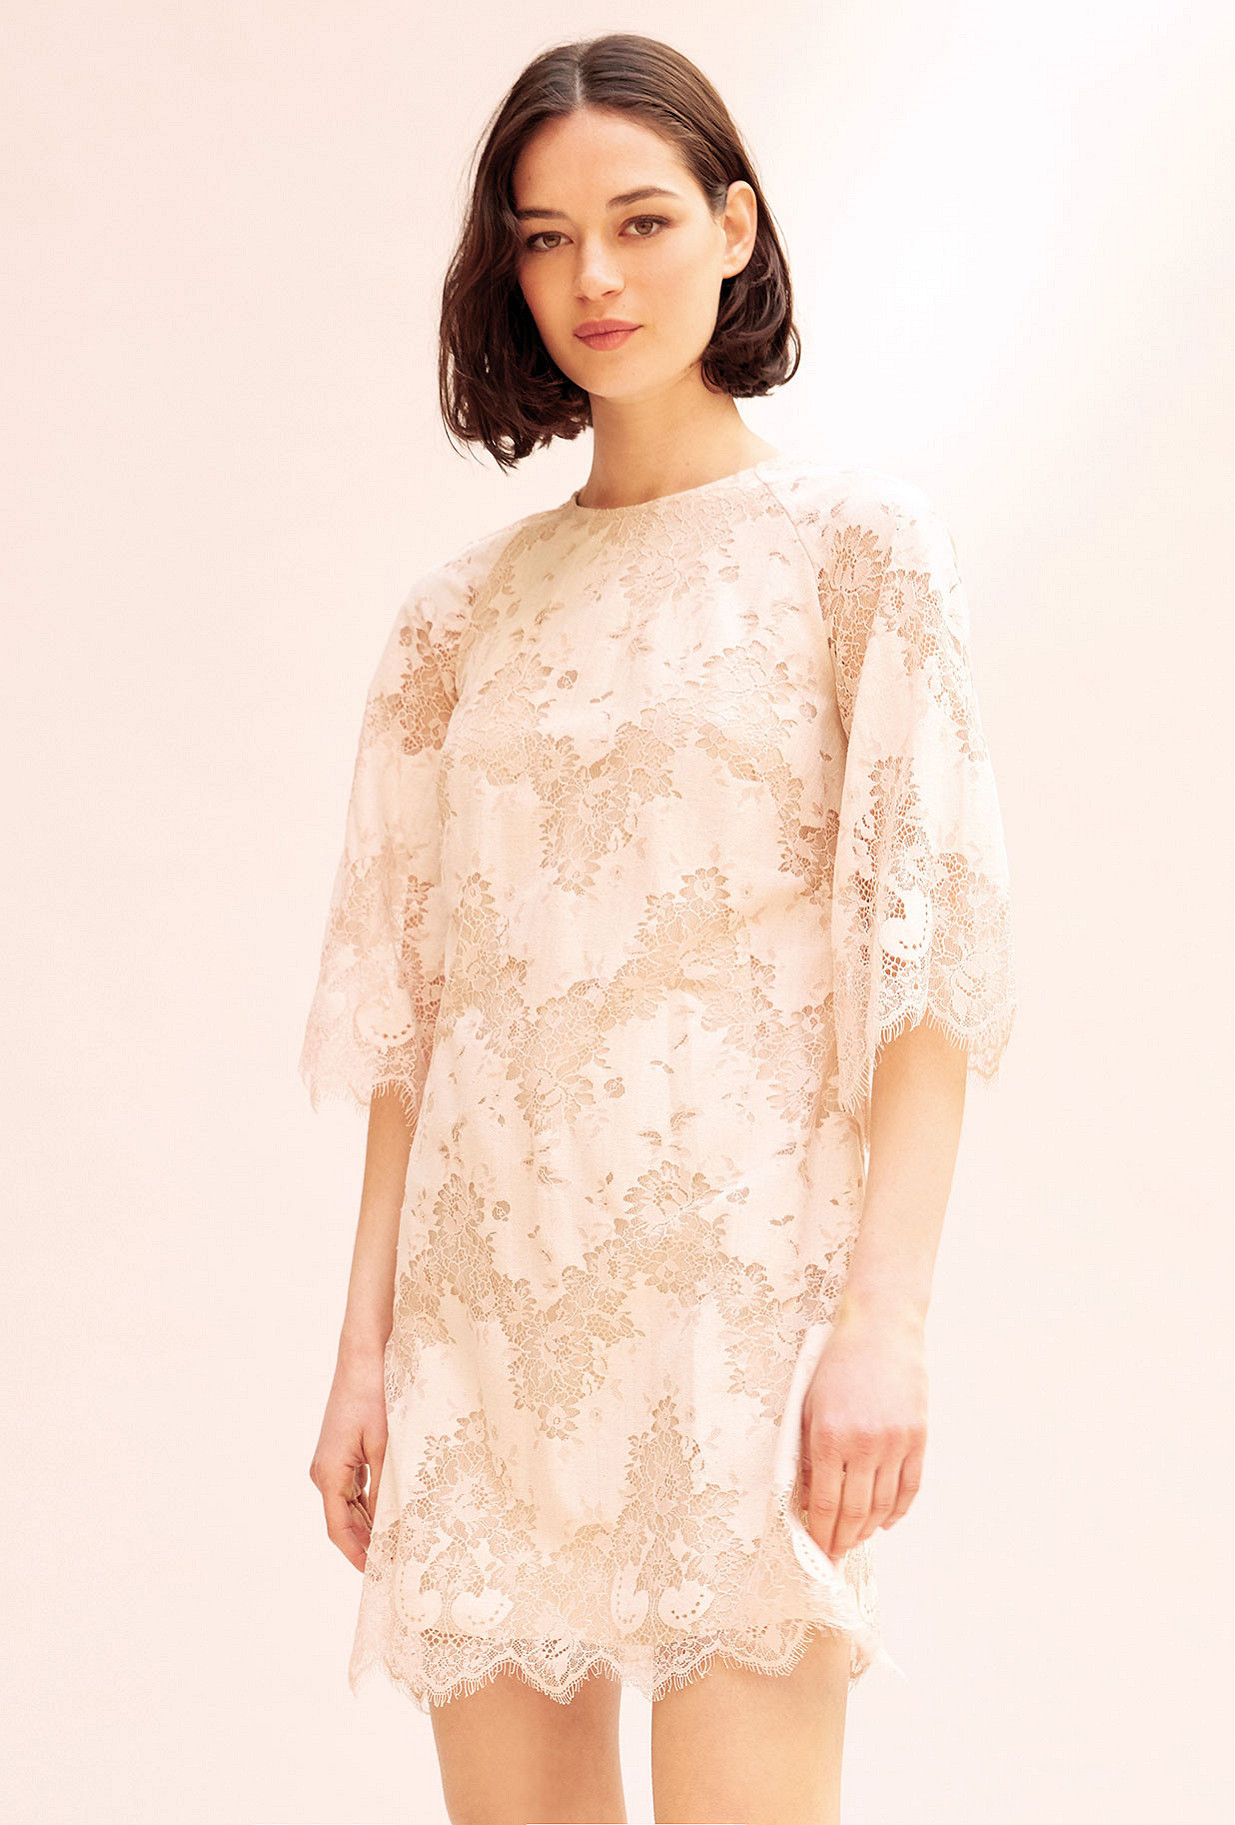 Paris clothes store Dress  Angelique french designer fashion Paris